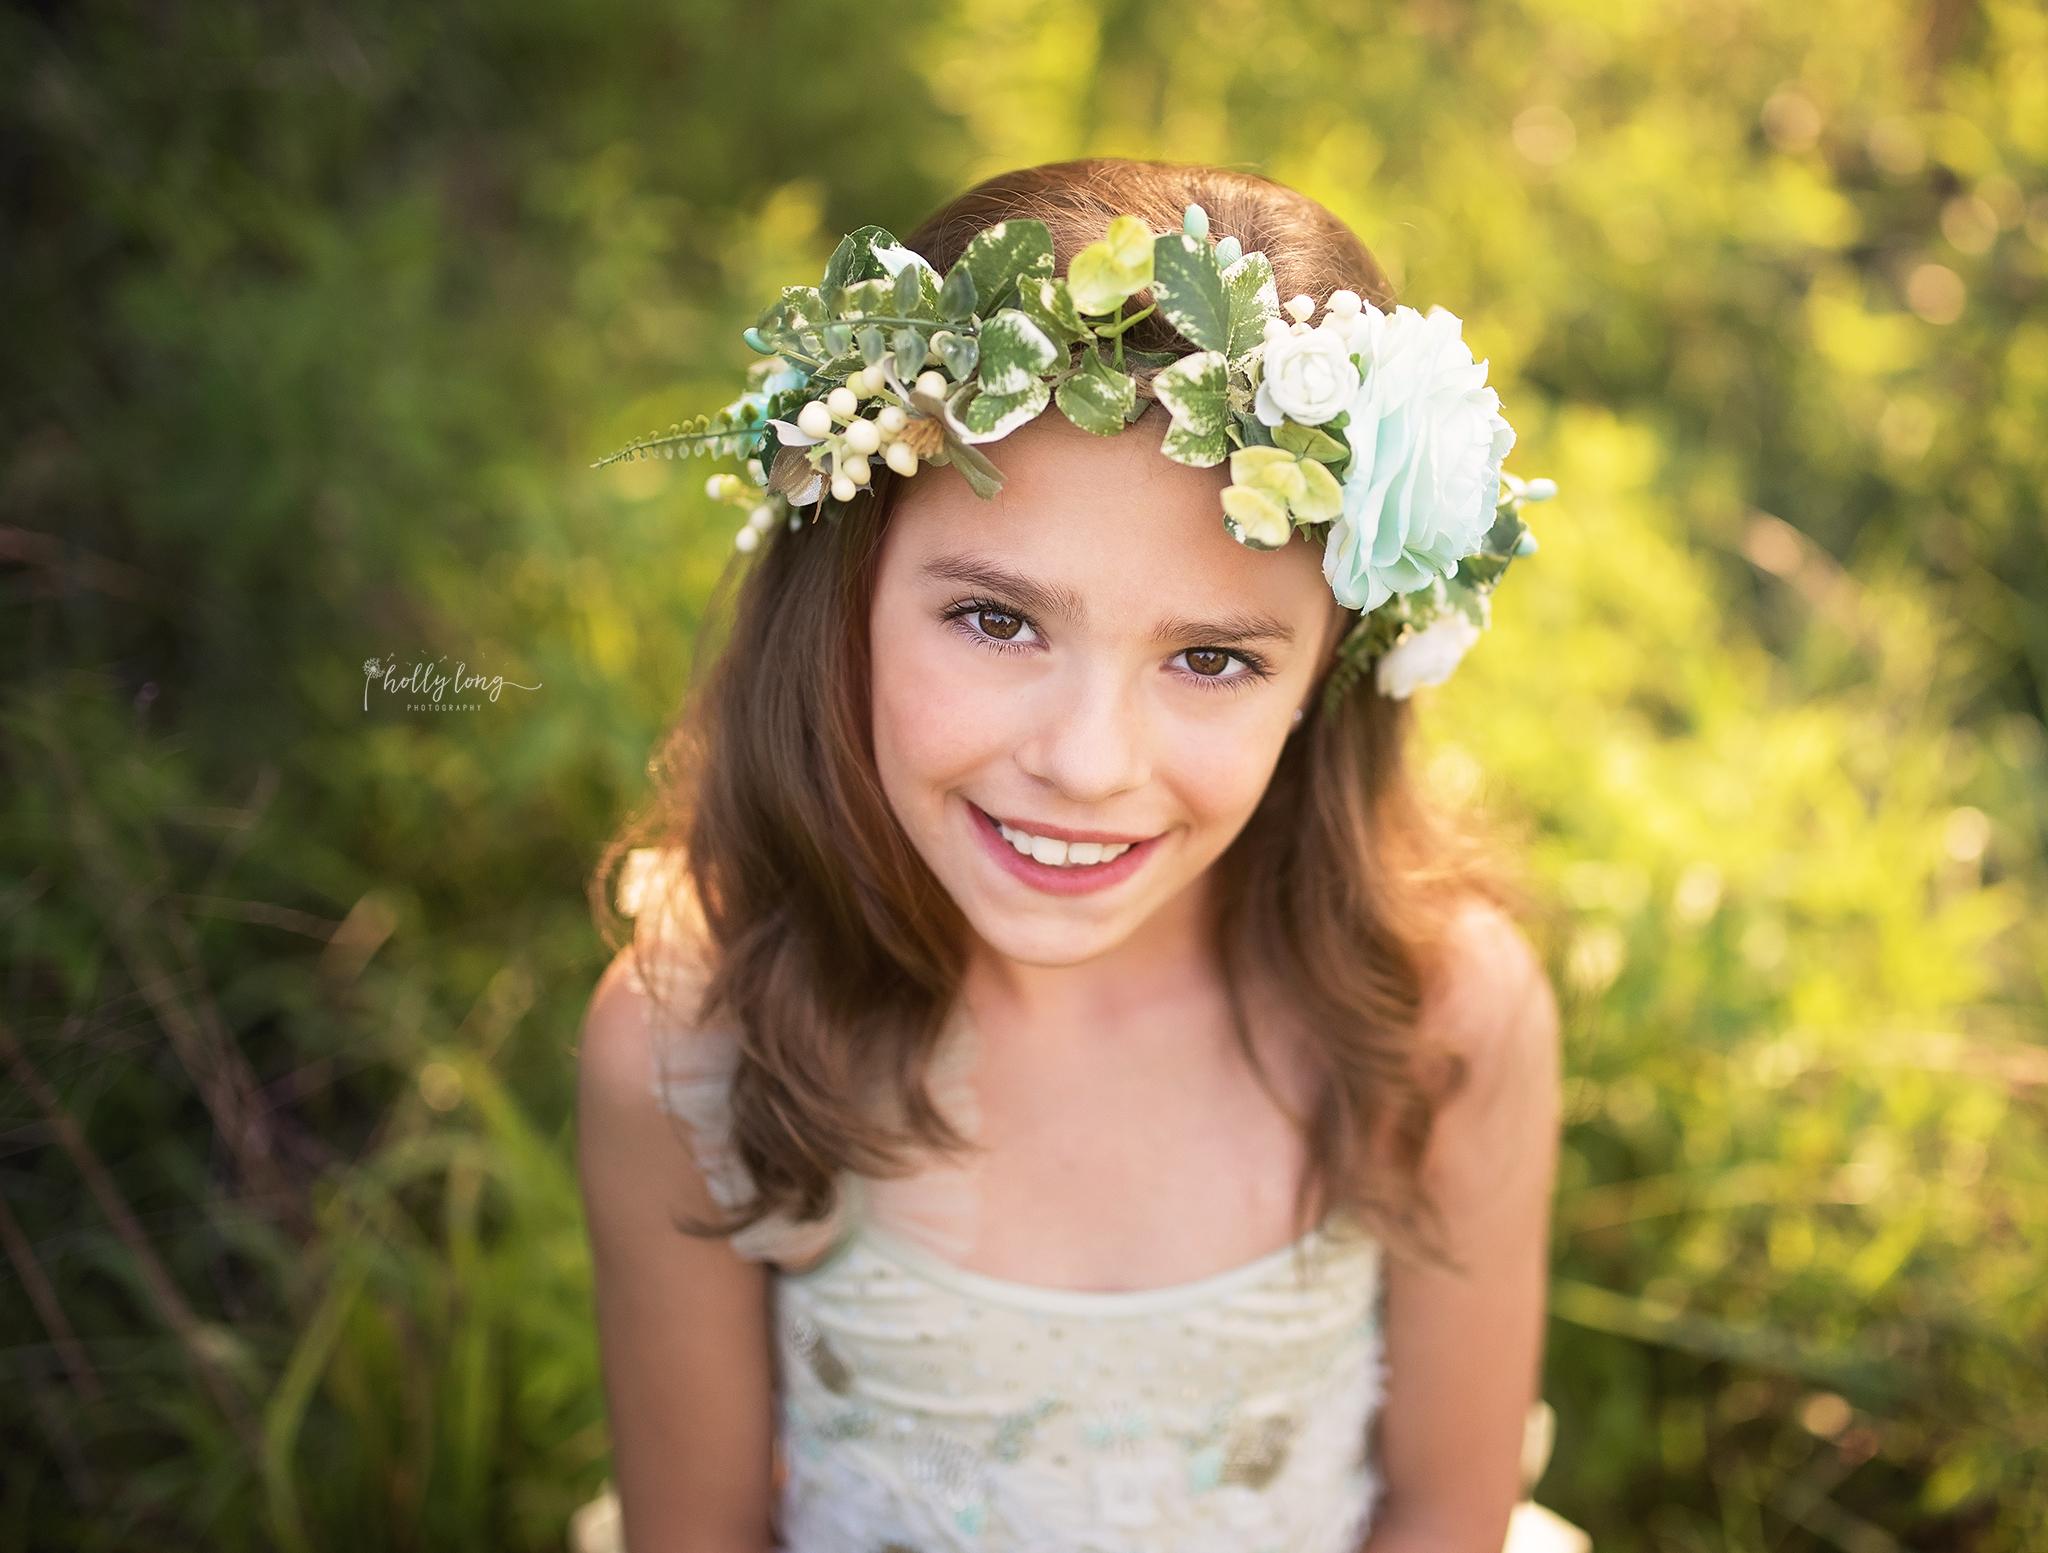 Roswell_childrensphotographer_62.jpg